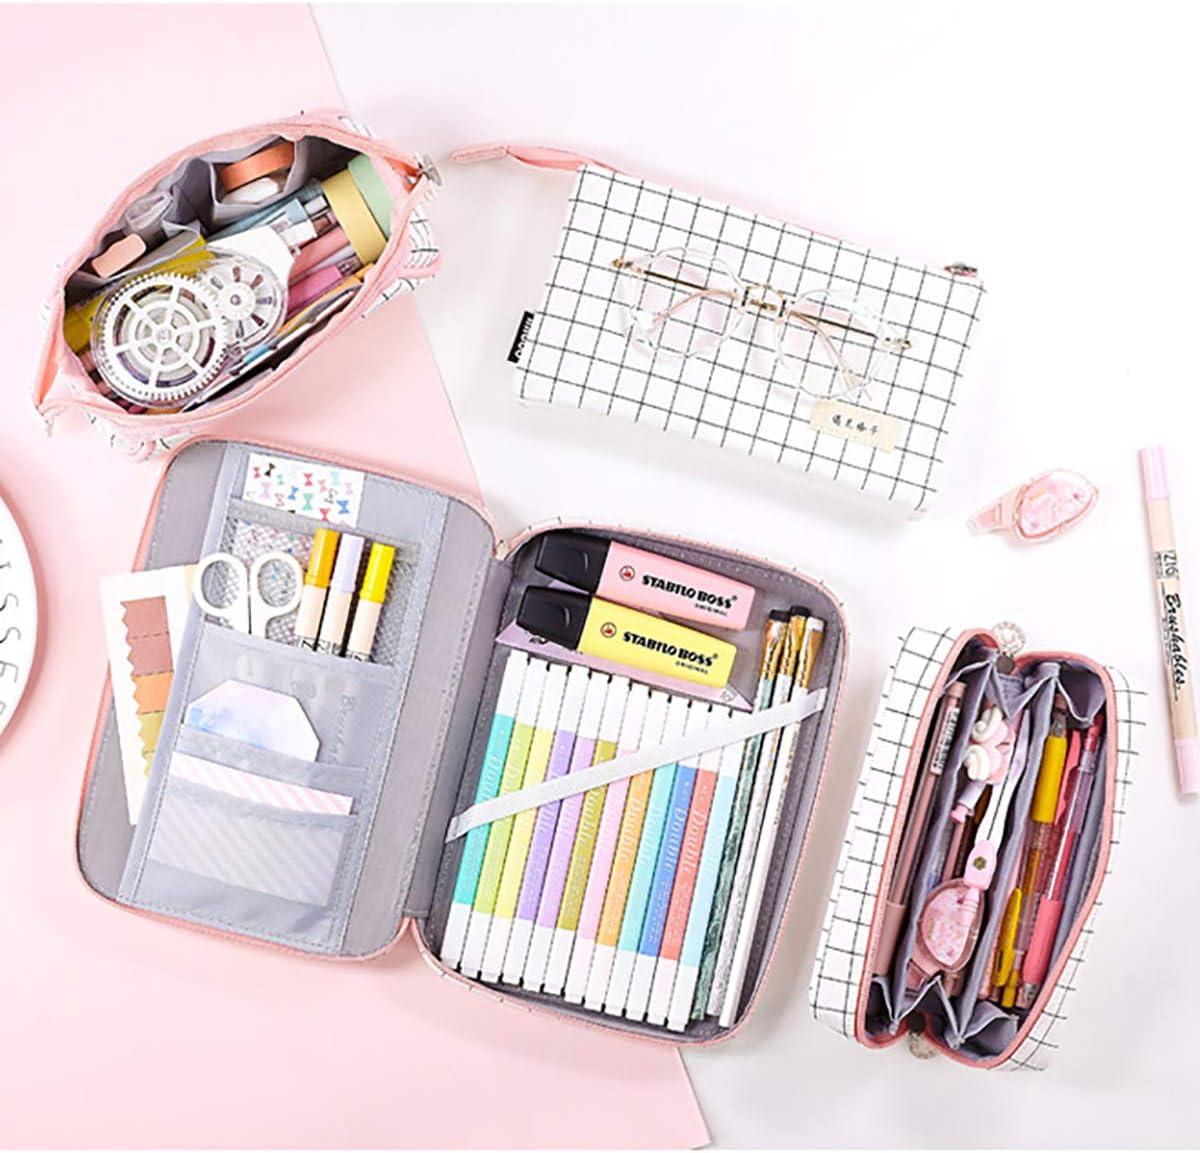 iSuperb Trousses 3 Compartiments Grande Capacit/é Trousse Scolaire Pencil Case Plaid Sac a Crayons Stationnaire Pochette Sac /à Stylos Toile Trousse /à Crayons 3 Poches